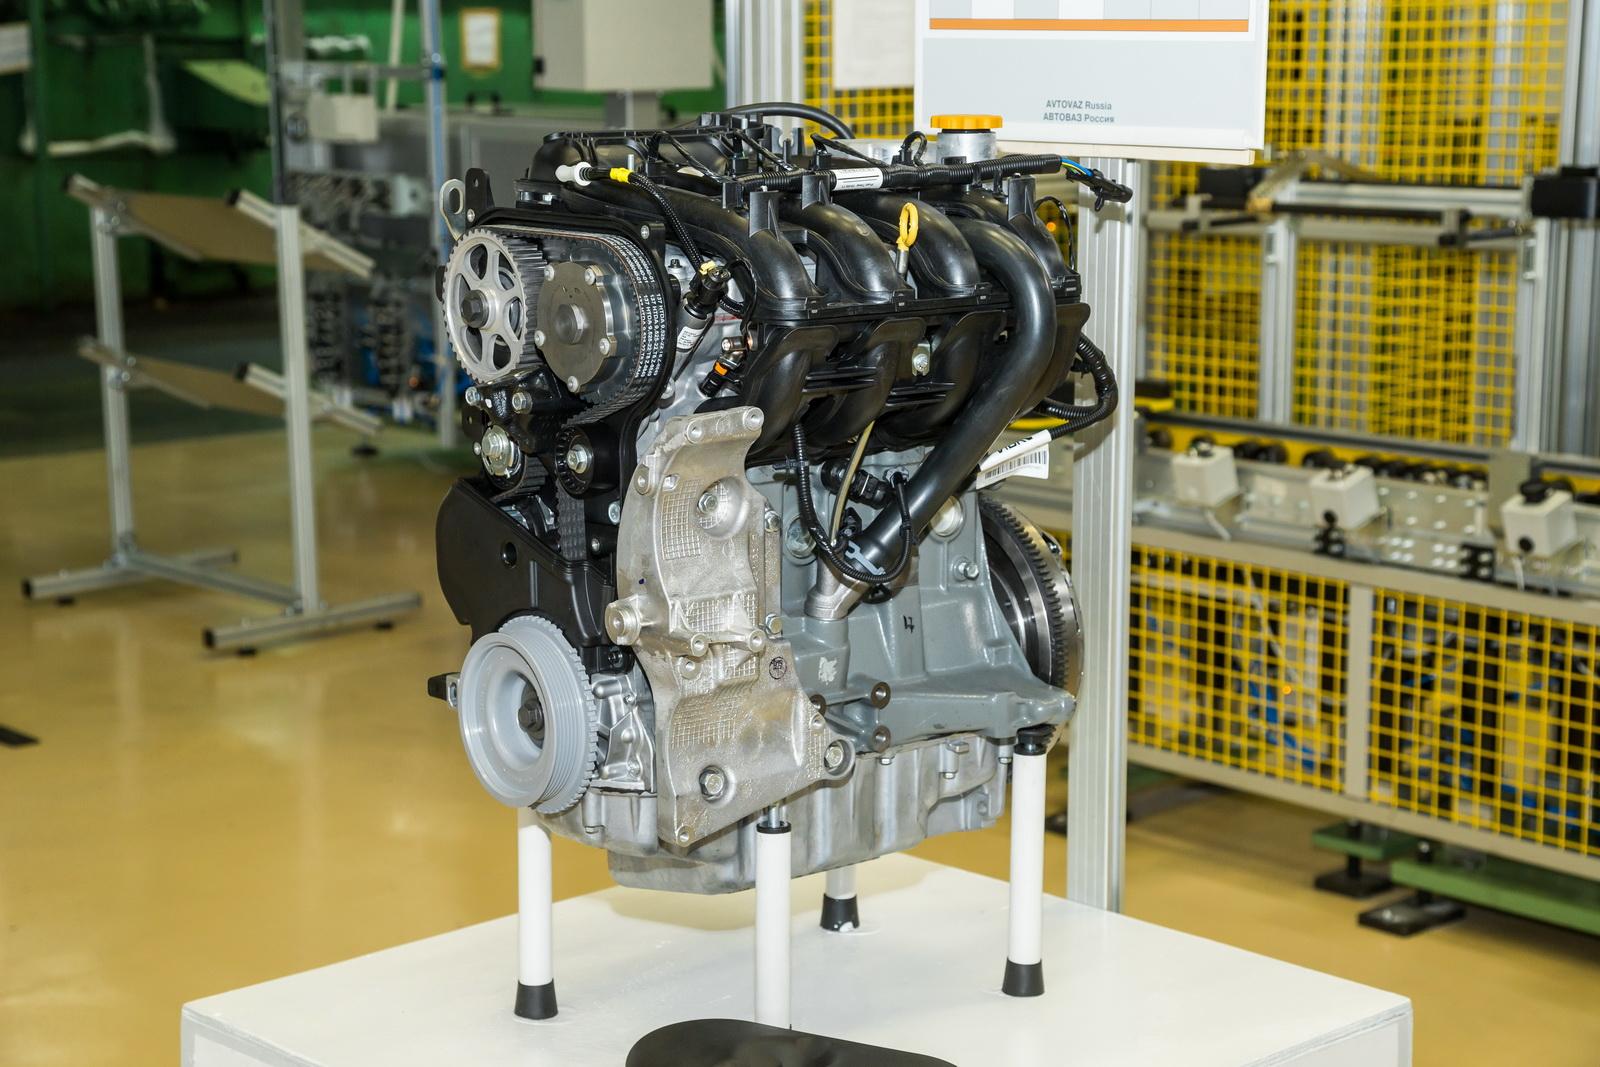 Новый двигатель ВАЗ-21179 - оцениваем технические характеристики и отзывы о ресурсе мотора - журнал За рулем